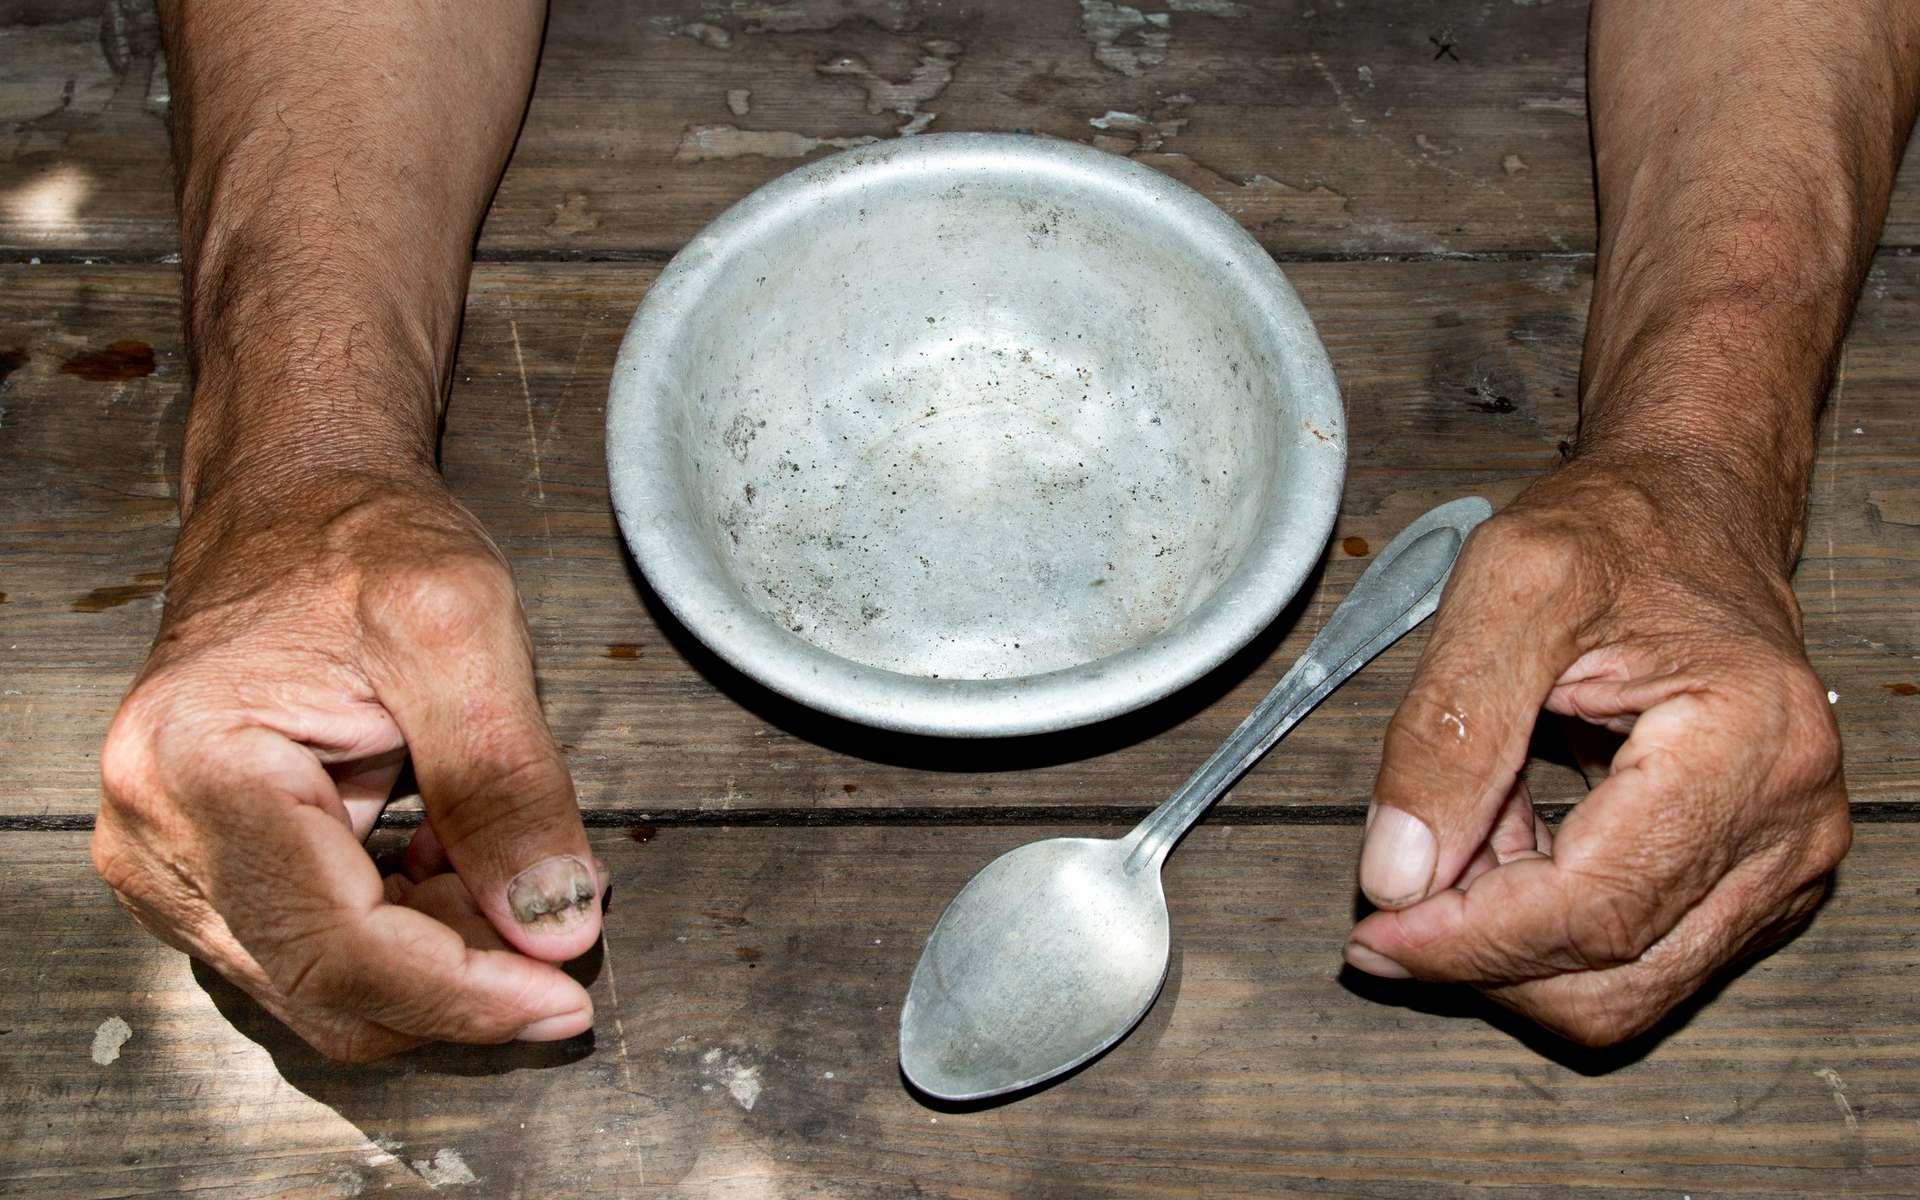 Chaque année, la carence en vitamine A rend aveugle 250.000 à 500.000 enfants. © Stanislau_V, Adobe Stock